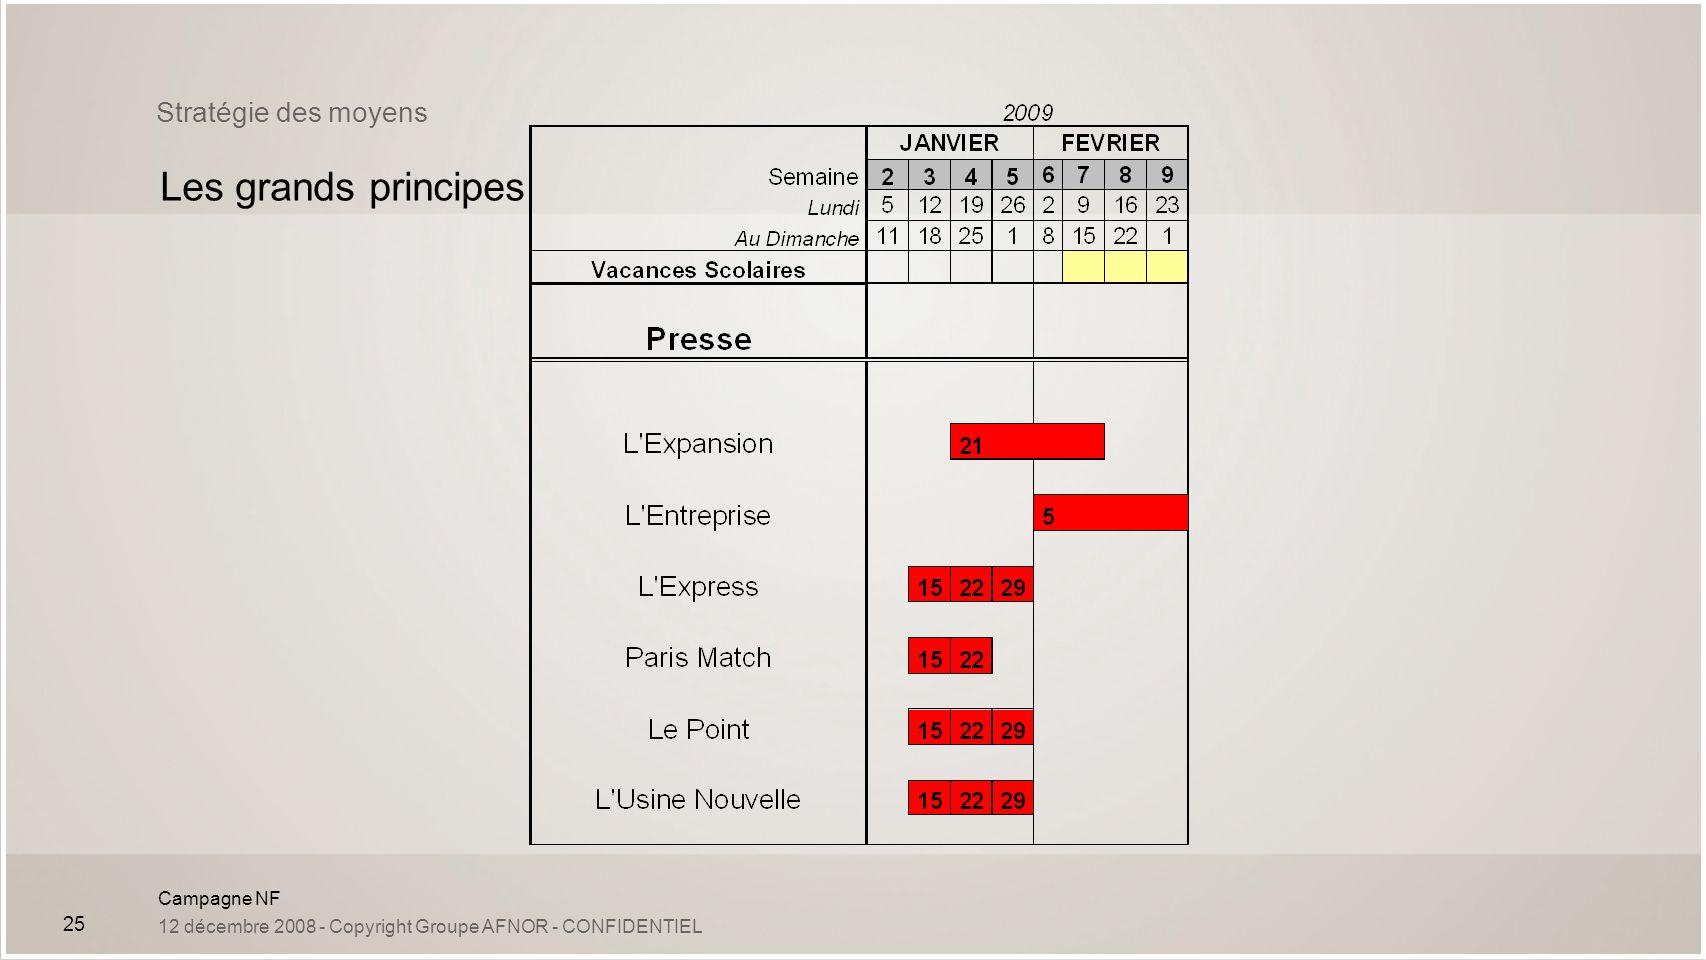 Campagne NF 12 décembre 2008 - Copyright Groupe AFNOR - CONFIDENTIEL 25 Stratégie des moyens Les grands principes